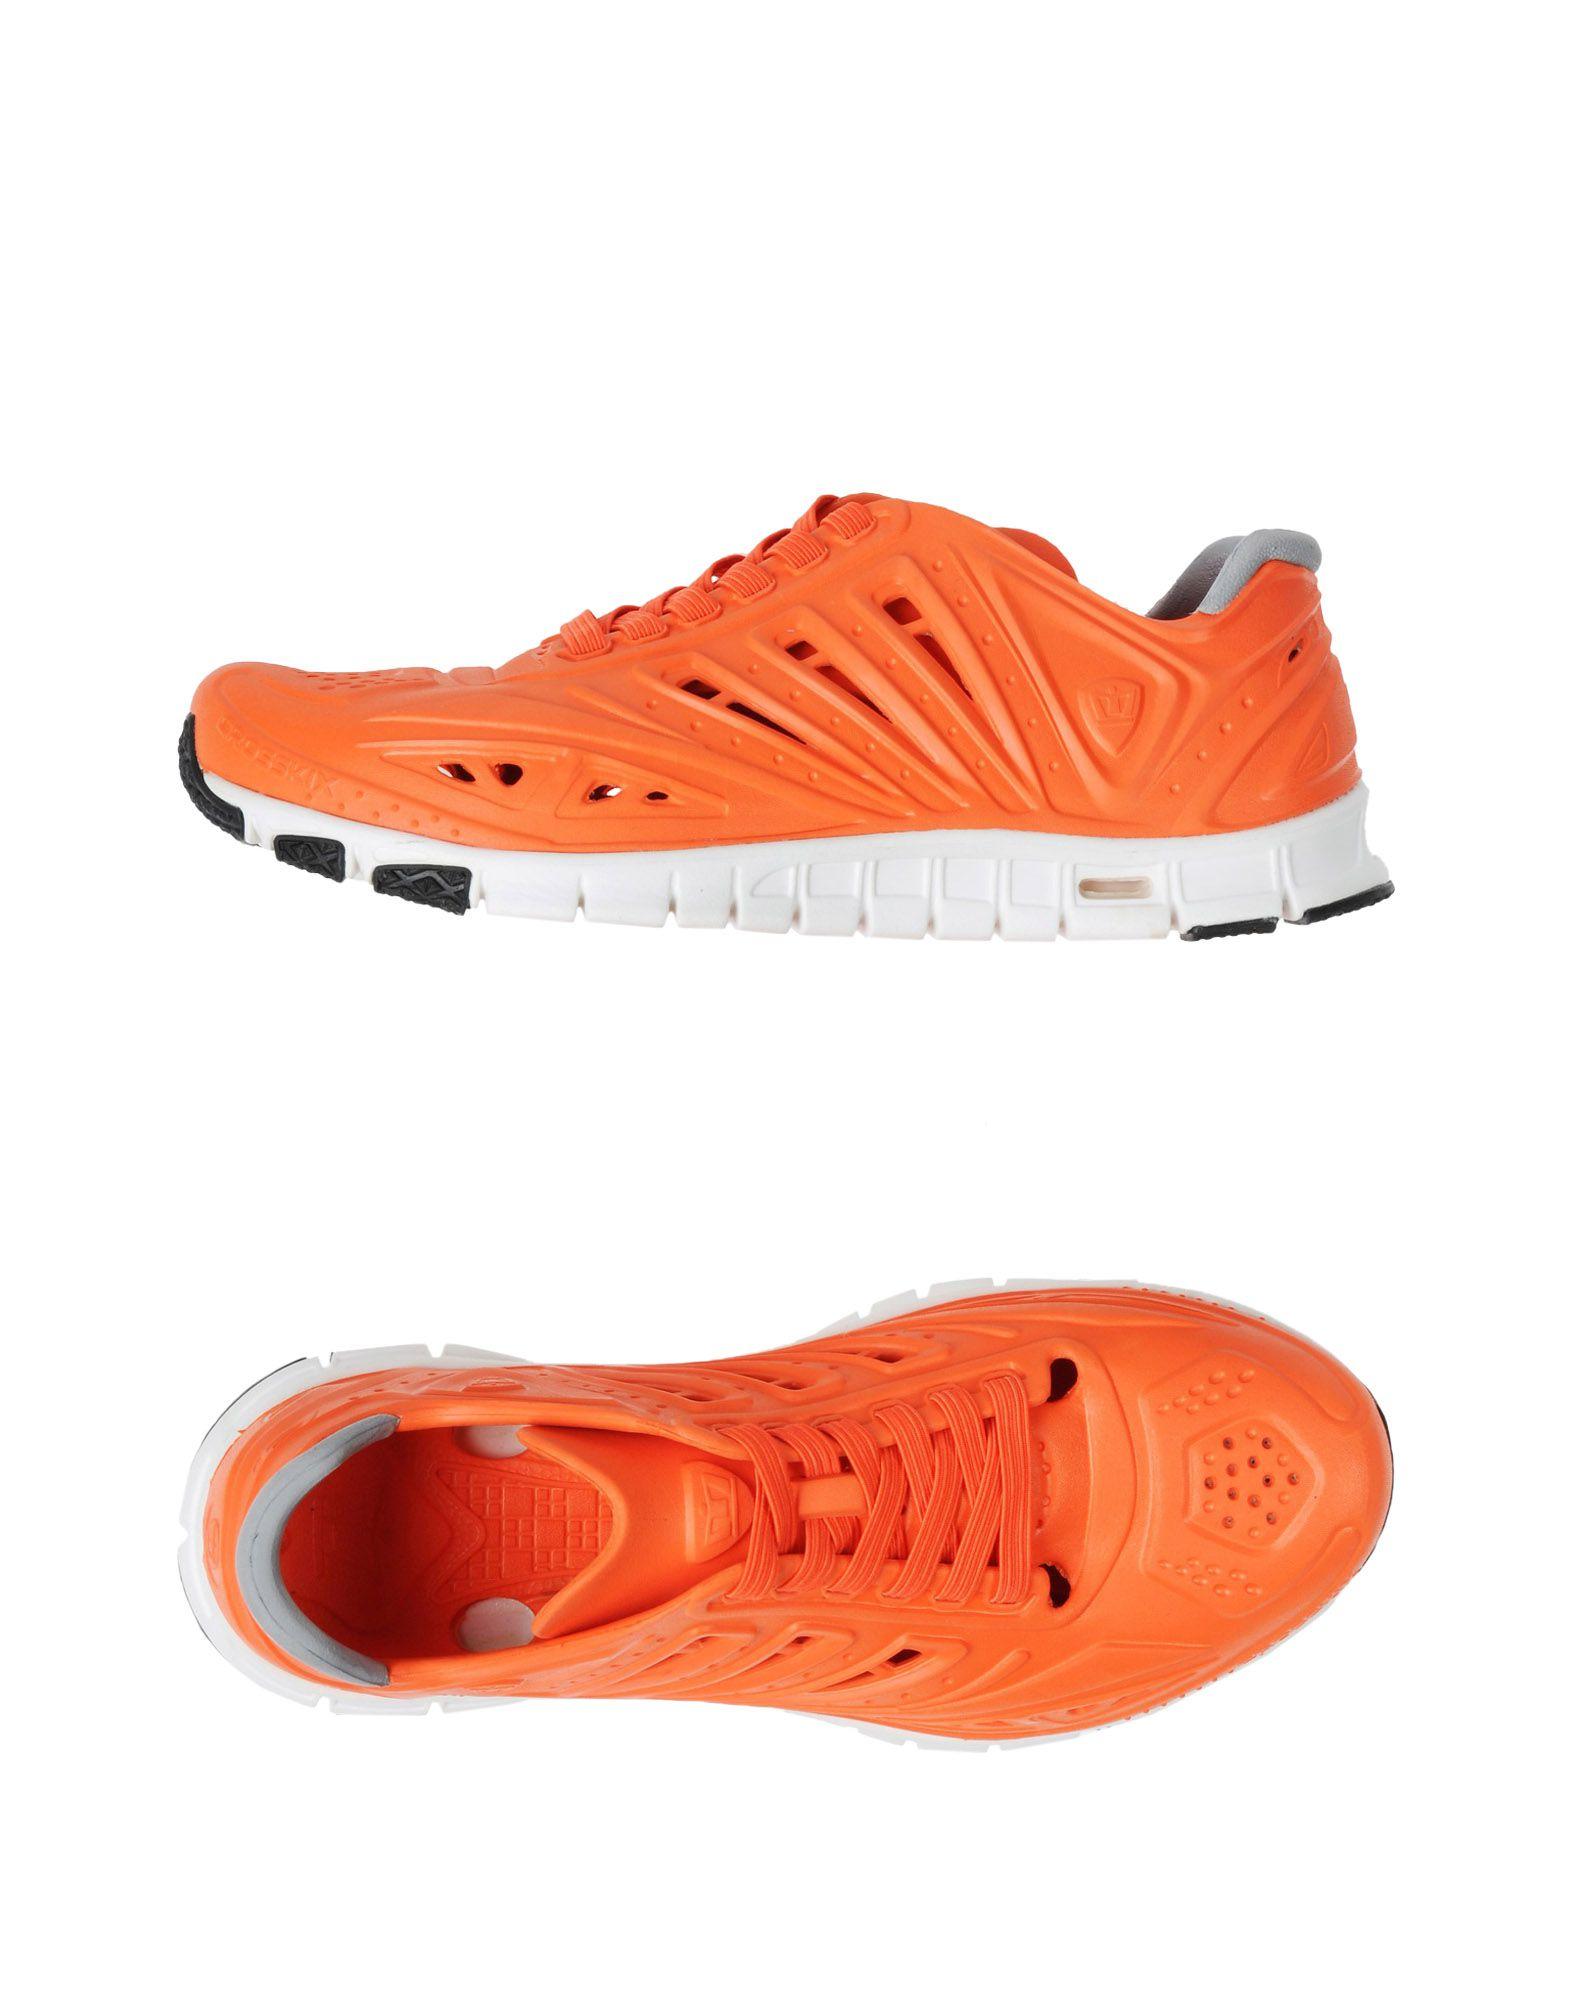 《送料無料》CROSSKIX メンズ スニーカー&テニスシューズ(ローカット) オレンジ 5 ゴム